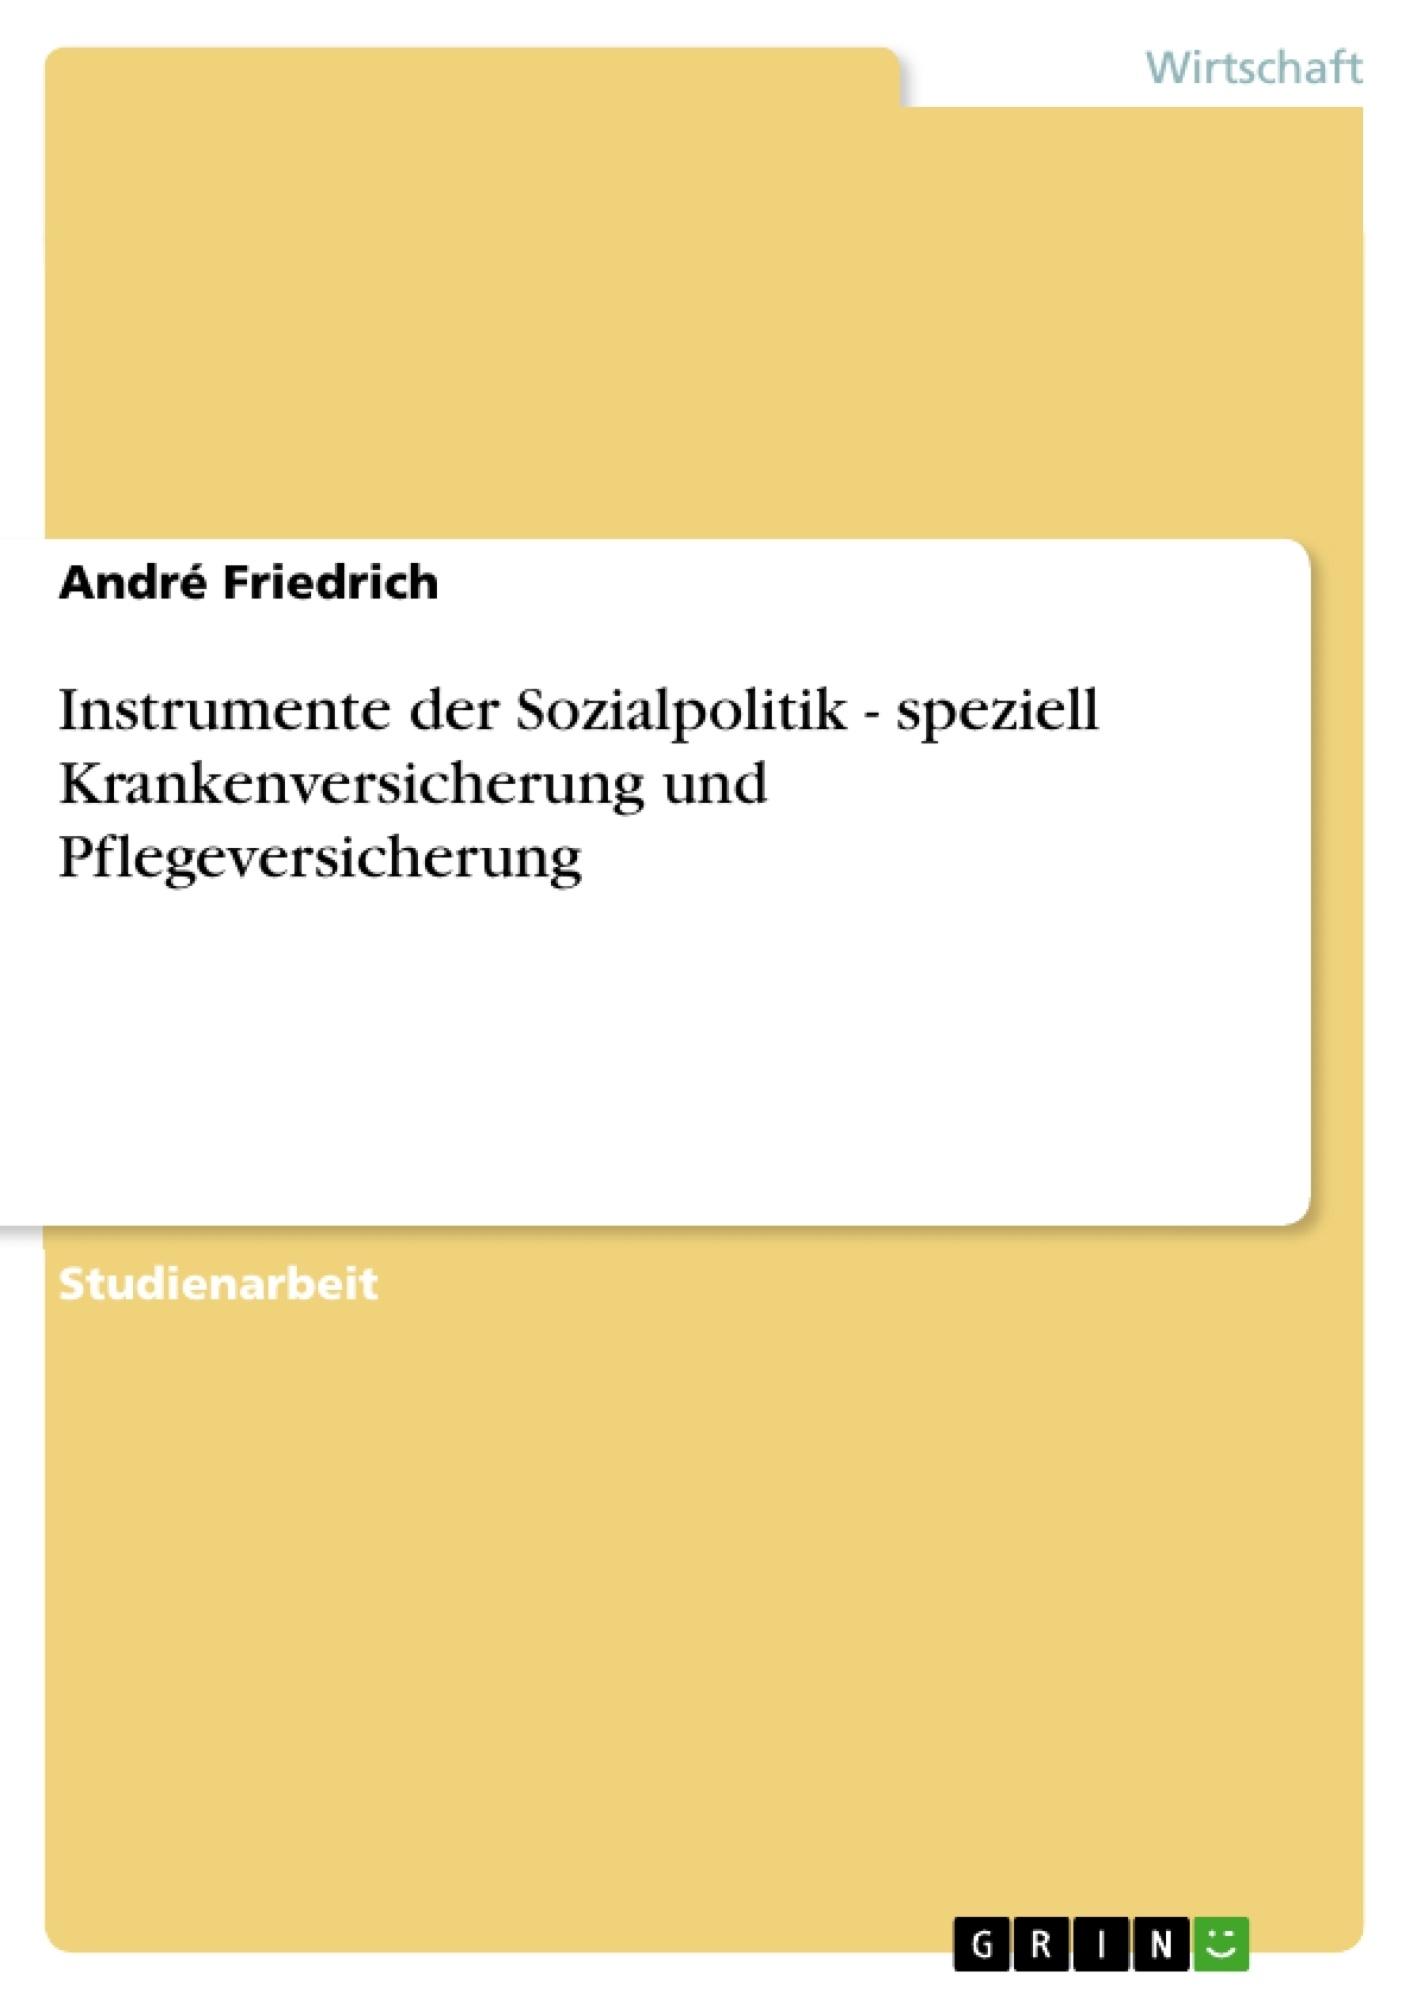 Titel: Instrumente der Sozialpolitik - speziell Krankenversicherung und Pflegeversicherung